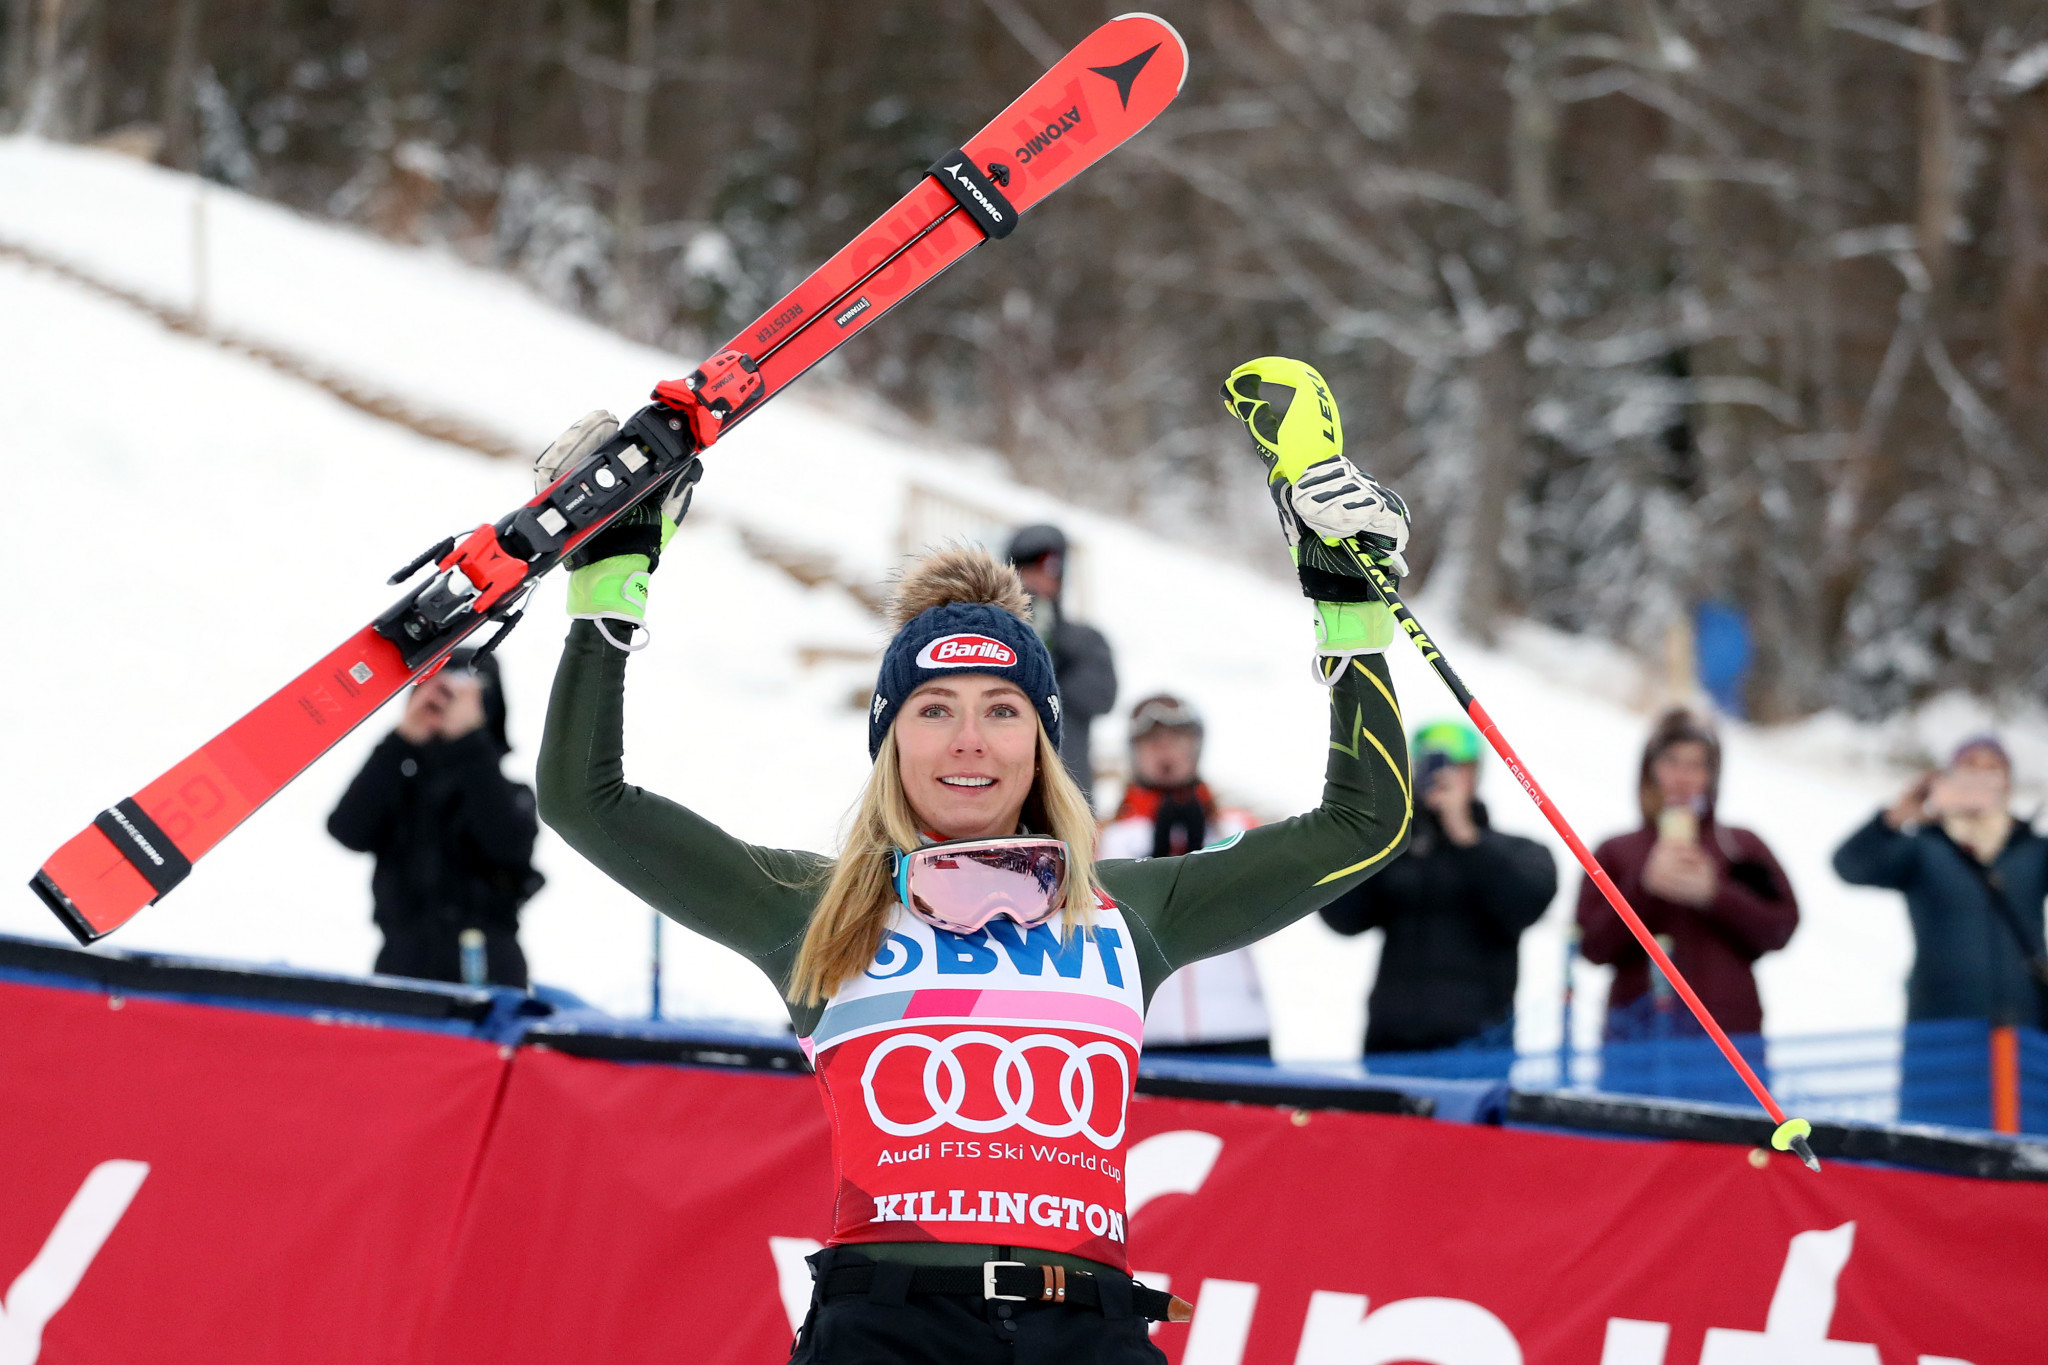 Mikaela Shiffrin has enjoyed plenty of success on the Killington slalom course ©Getty Images